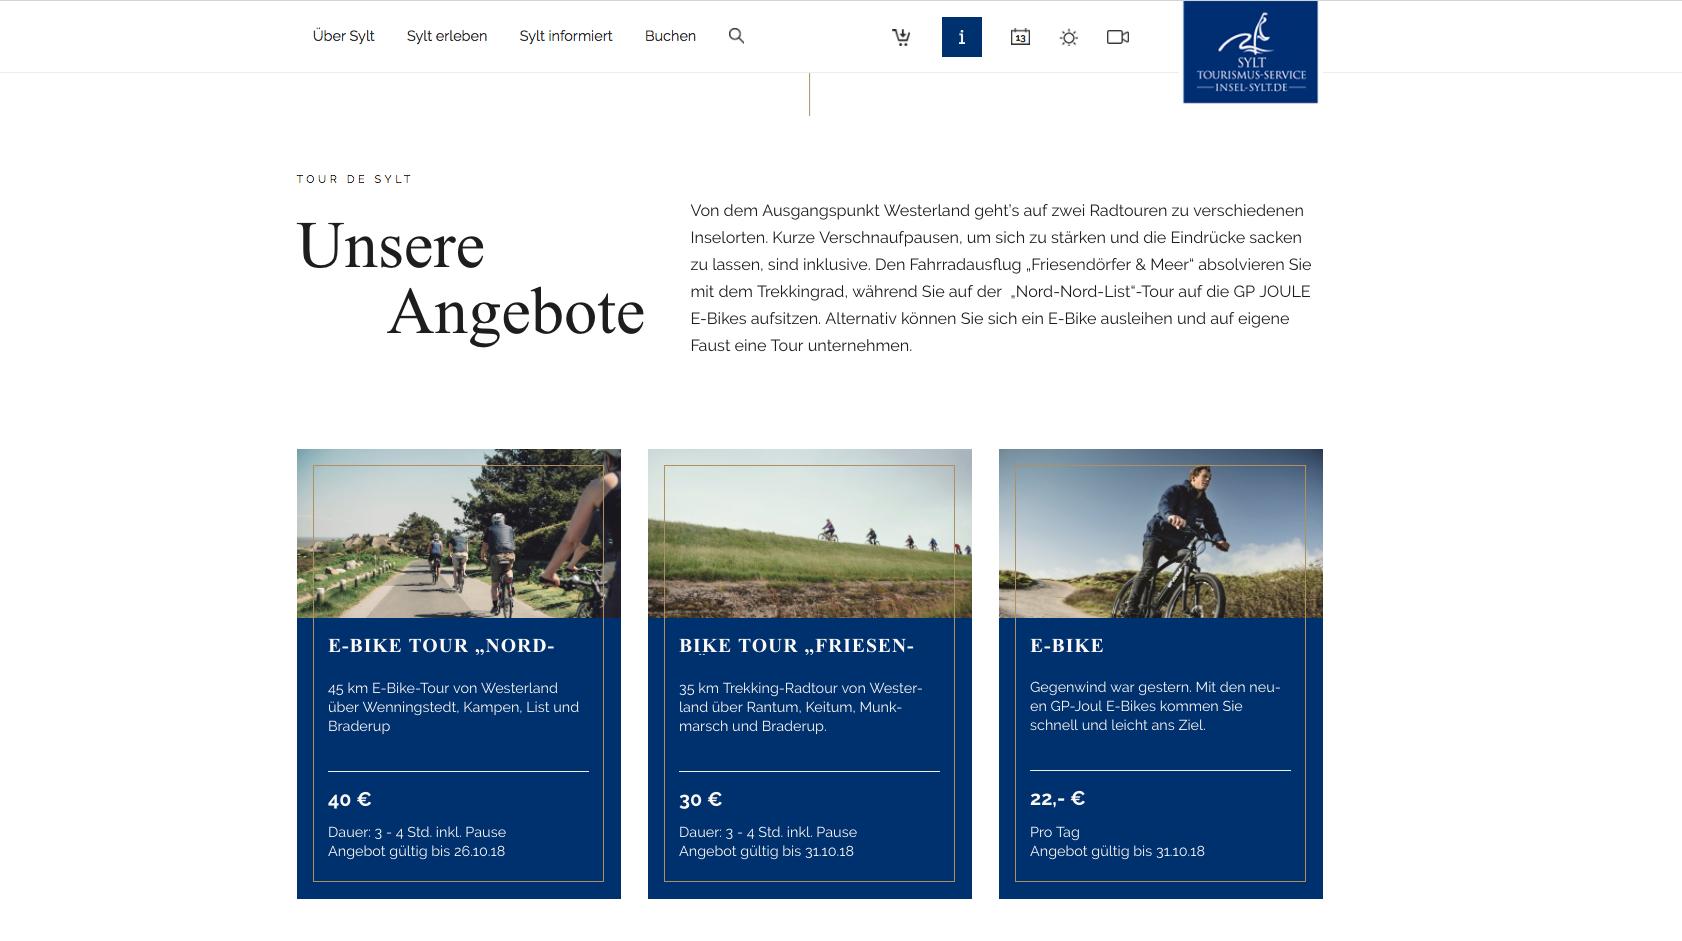 Ausgespielte kontextsensitive Angebote auf insel-sylt.de